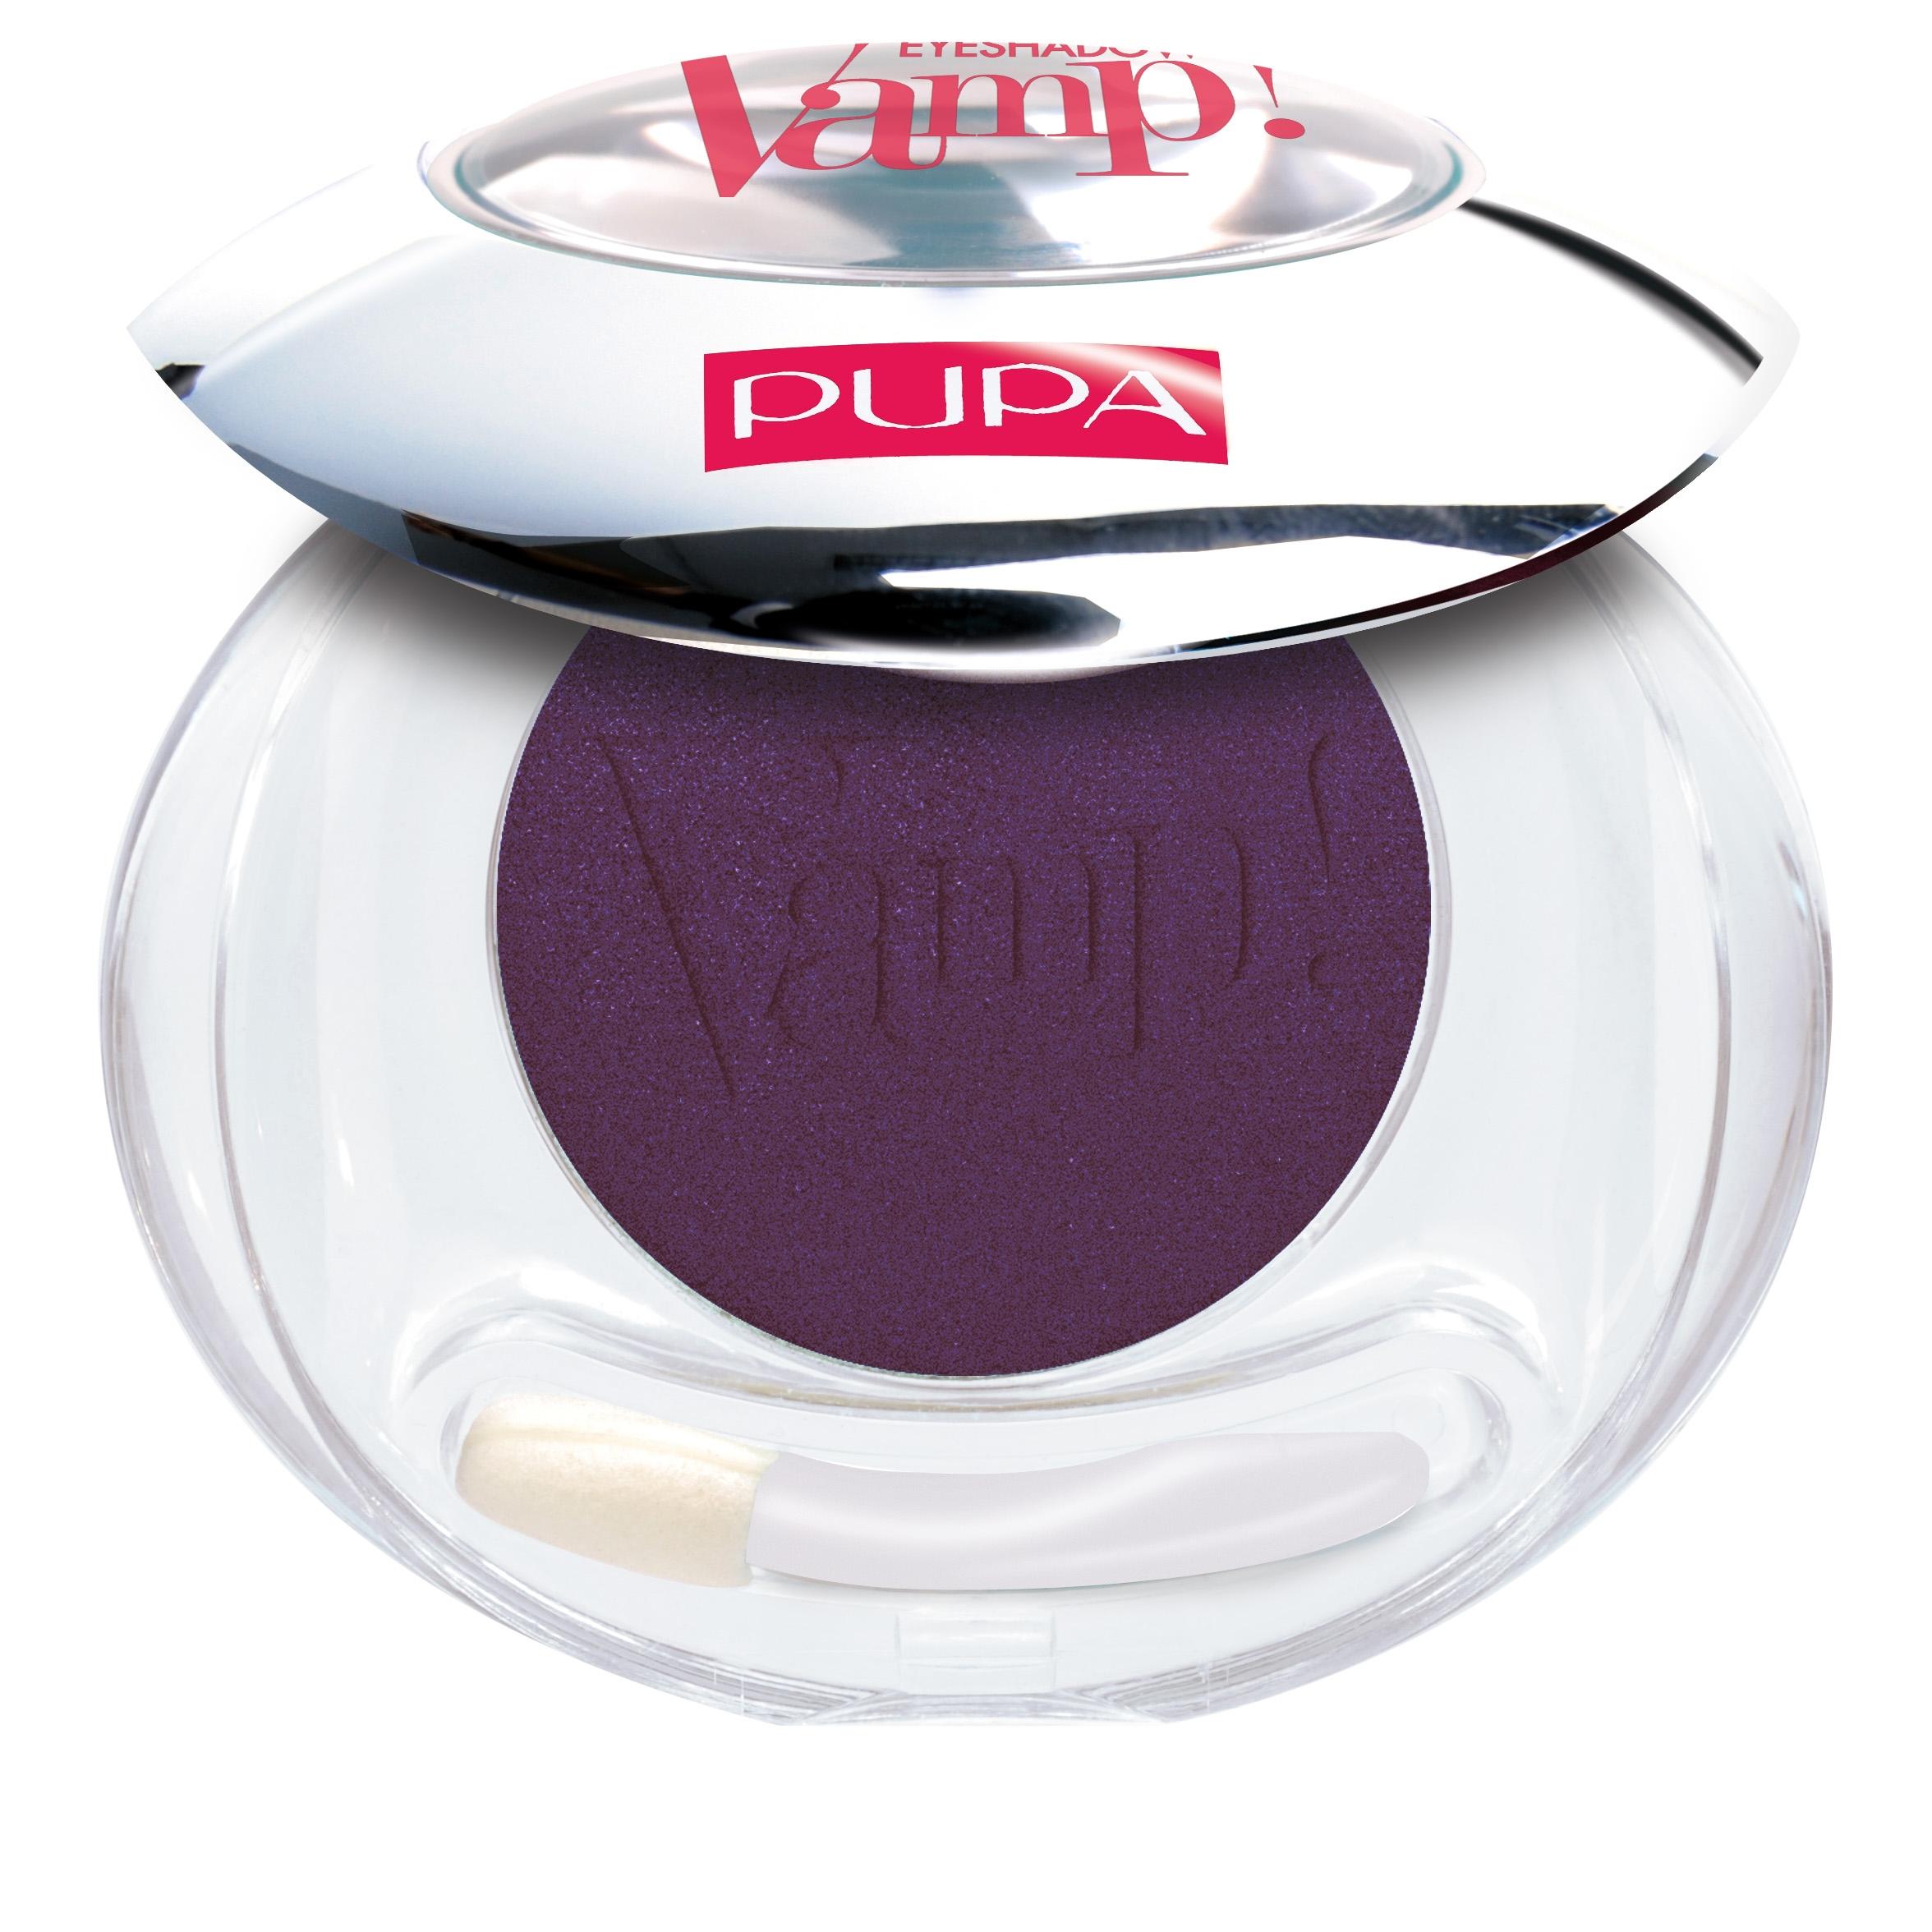 Pupa Vamp Compact Eyeshadow ombretto compatto colore puro n204 Black Aubergine